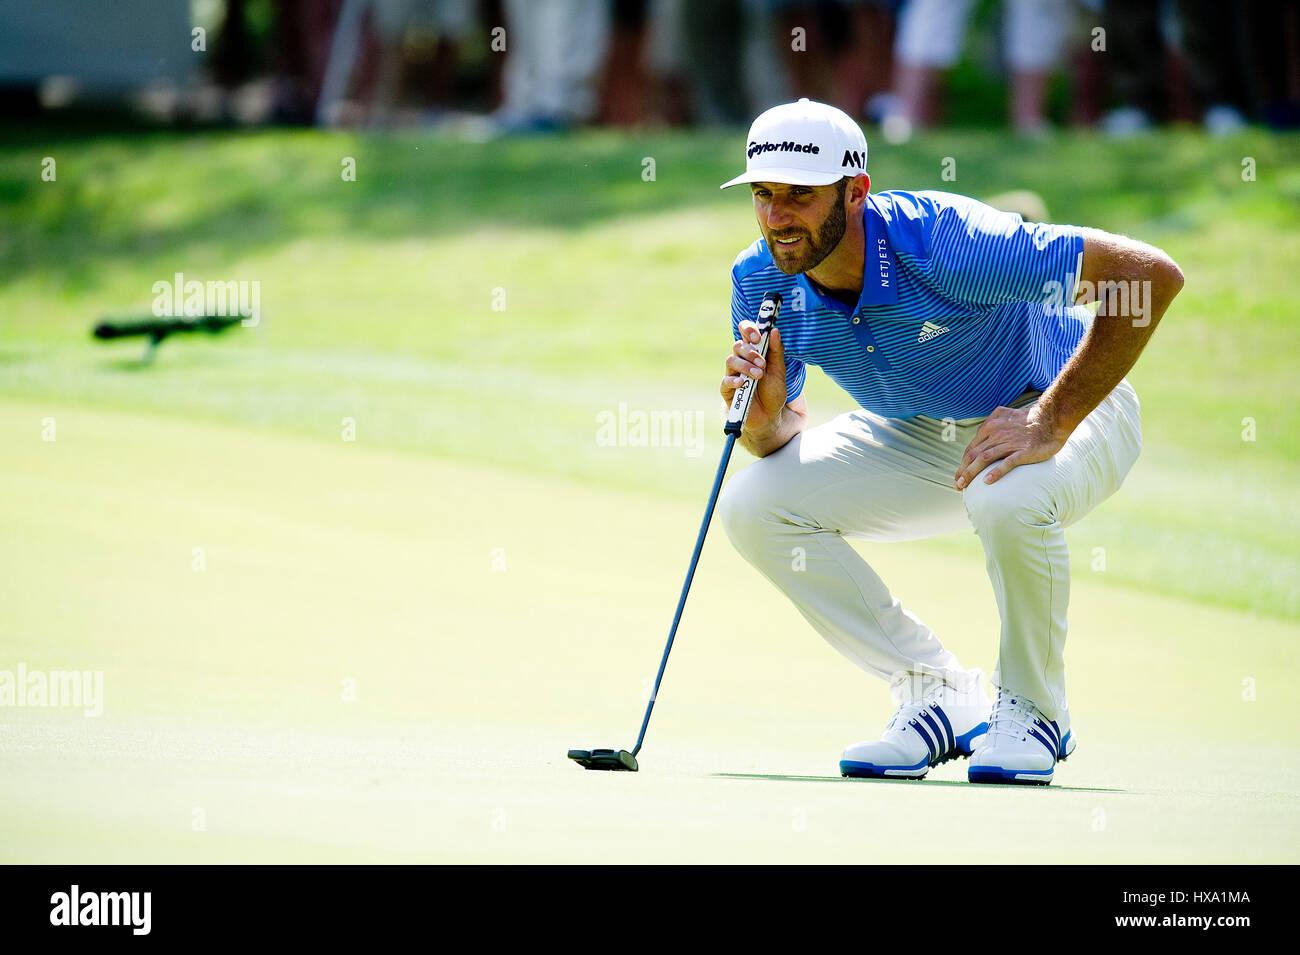 Austin, Texas, EUA. 26 de Março de 2017. Dustin Johnson em ação em campeonatos de golfe do mundo Imagens de Stock